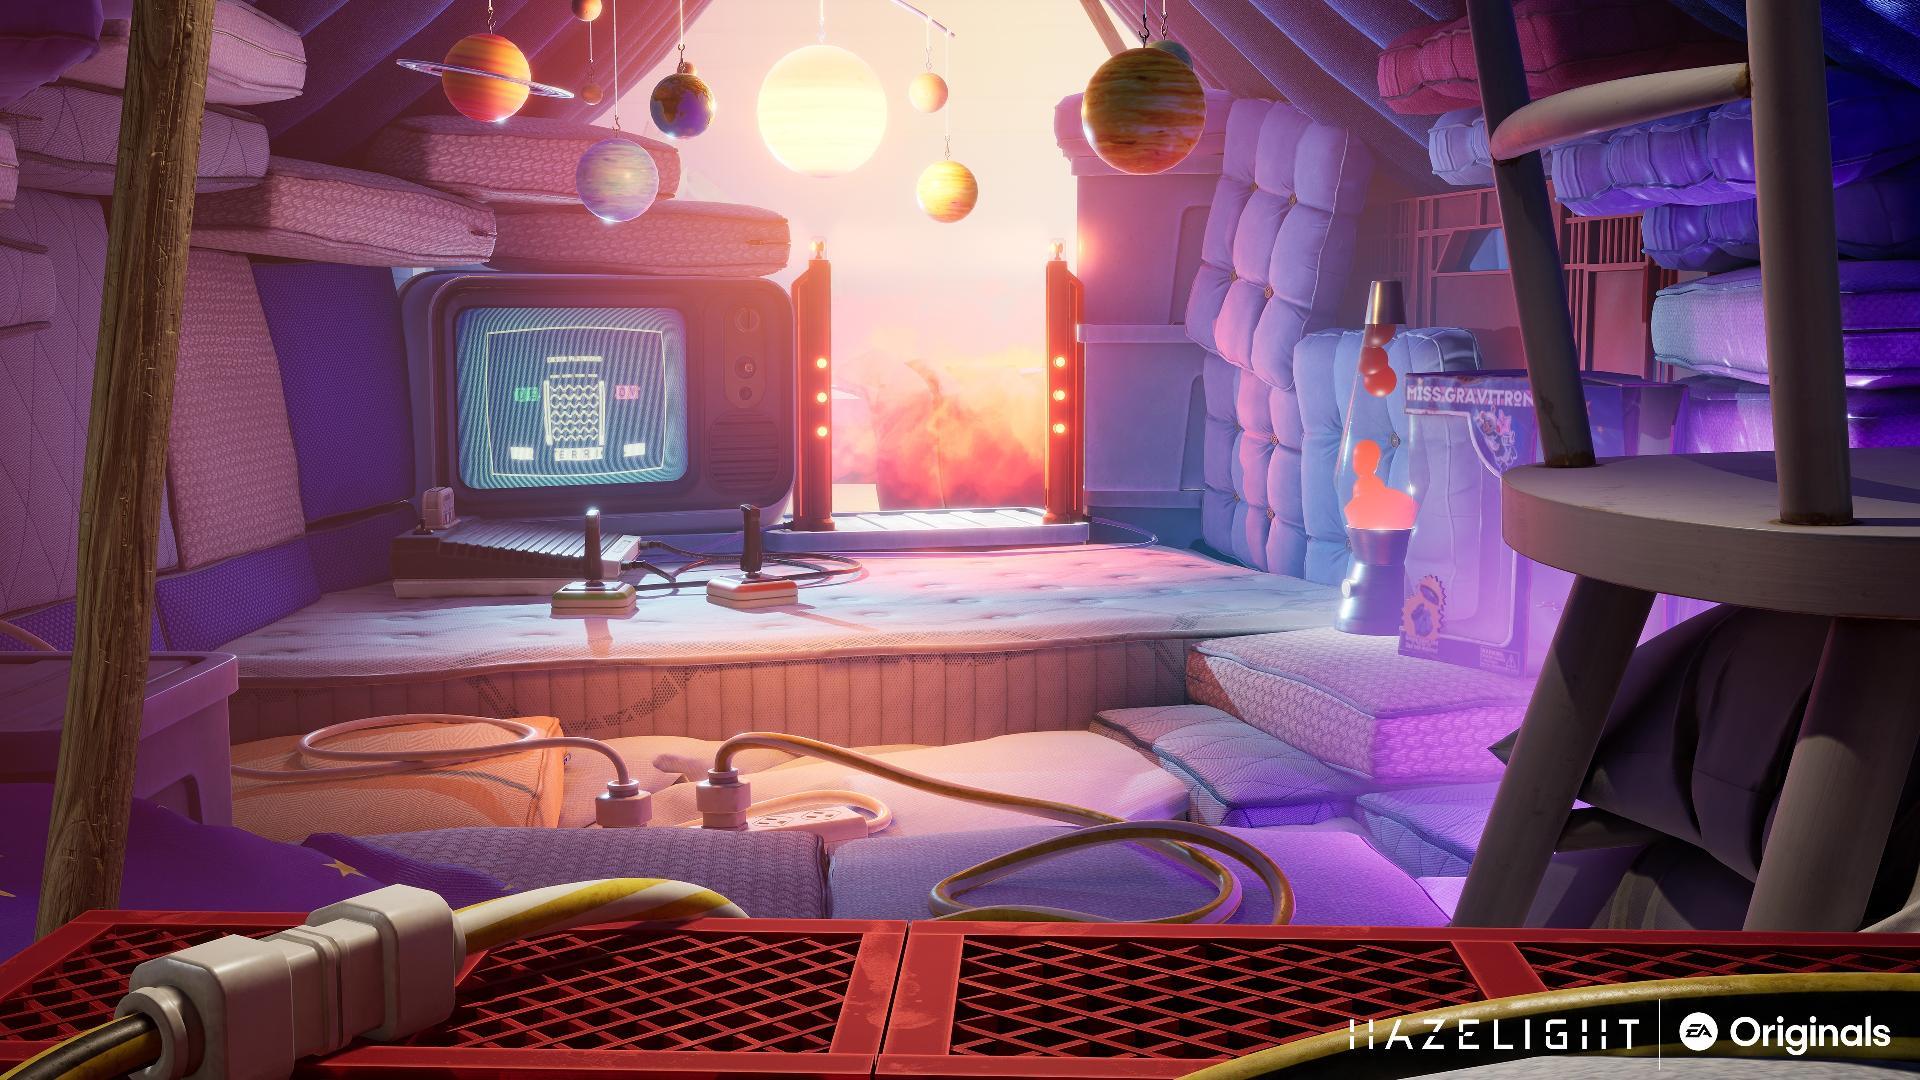 It Takes Two, novo game do criador de A Way Out, chega em março de 2021 -  10/12/2020 - UOL Start